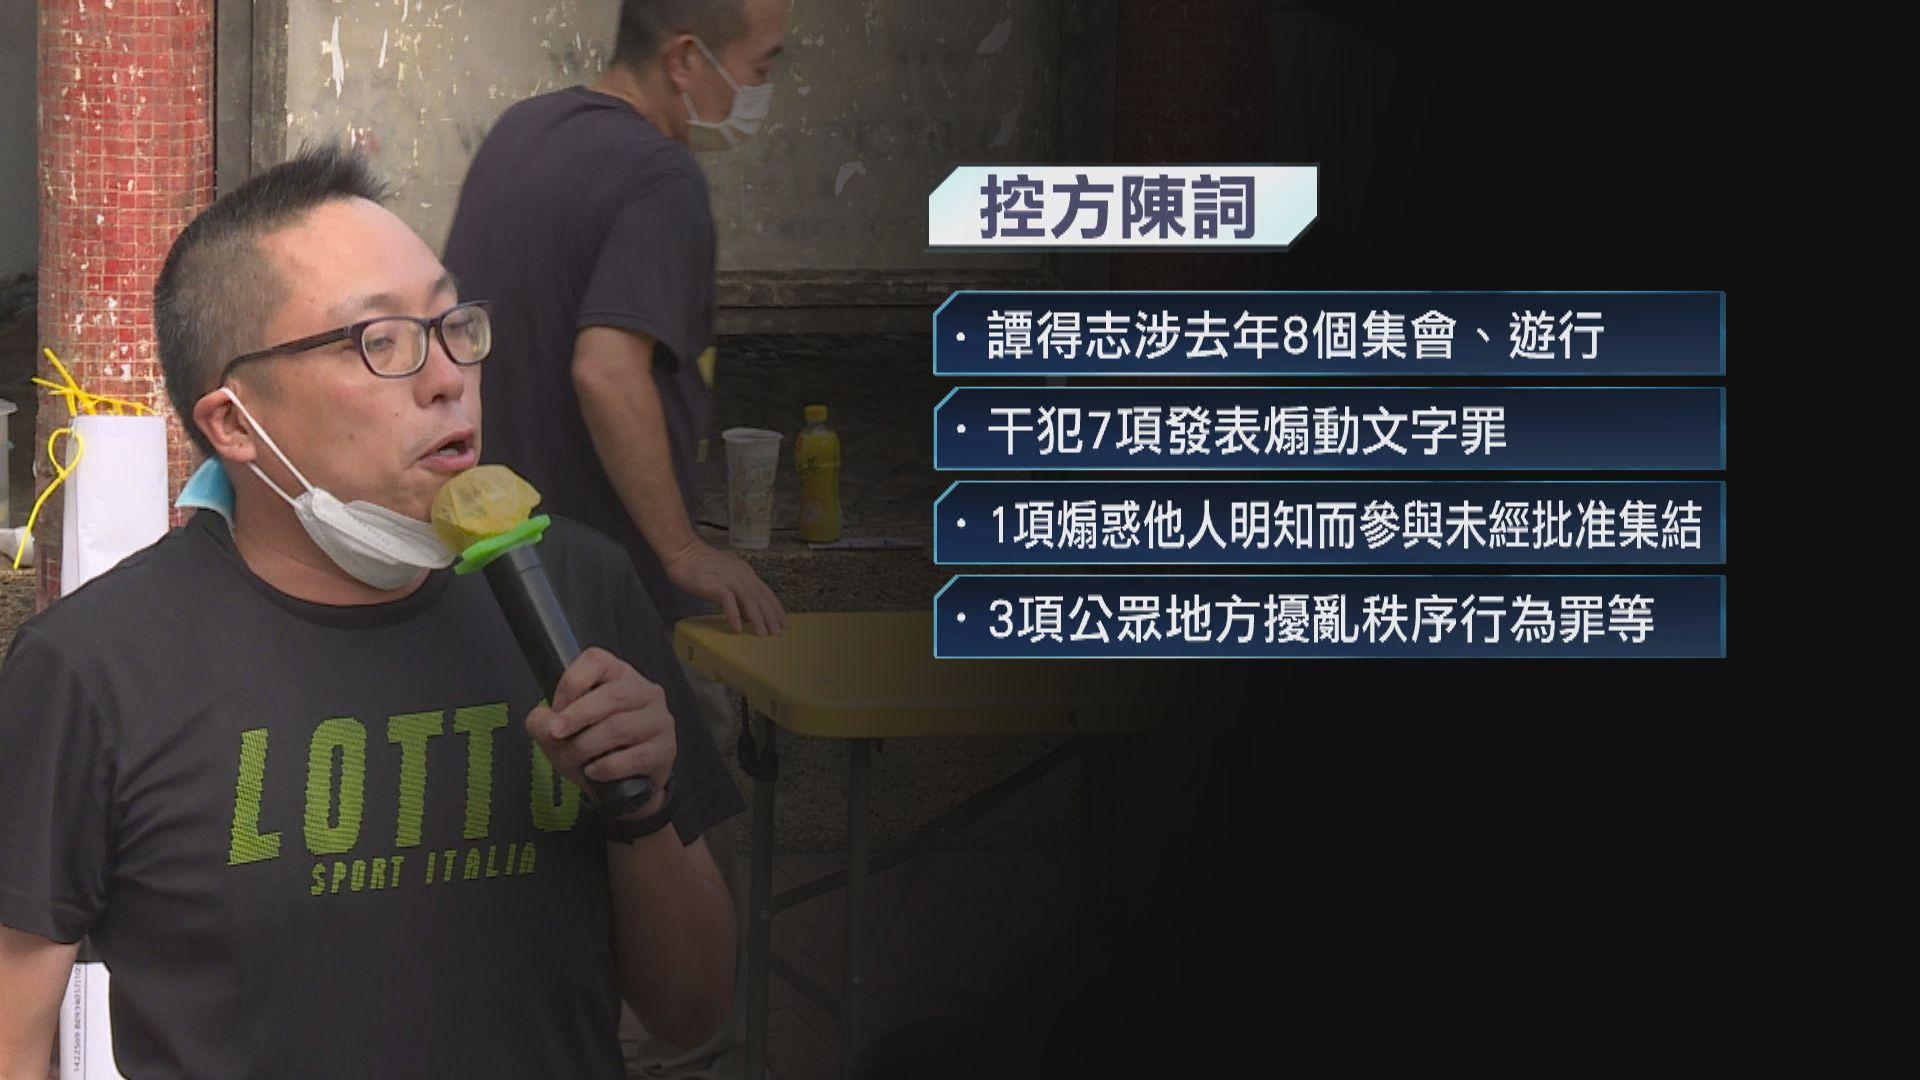 譚得志去年街站叫口號被控發表煽動文字續審